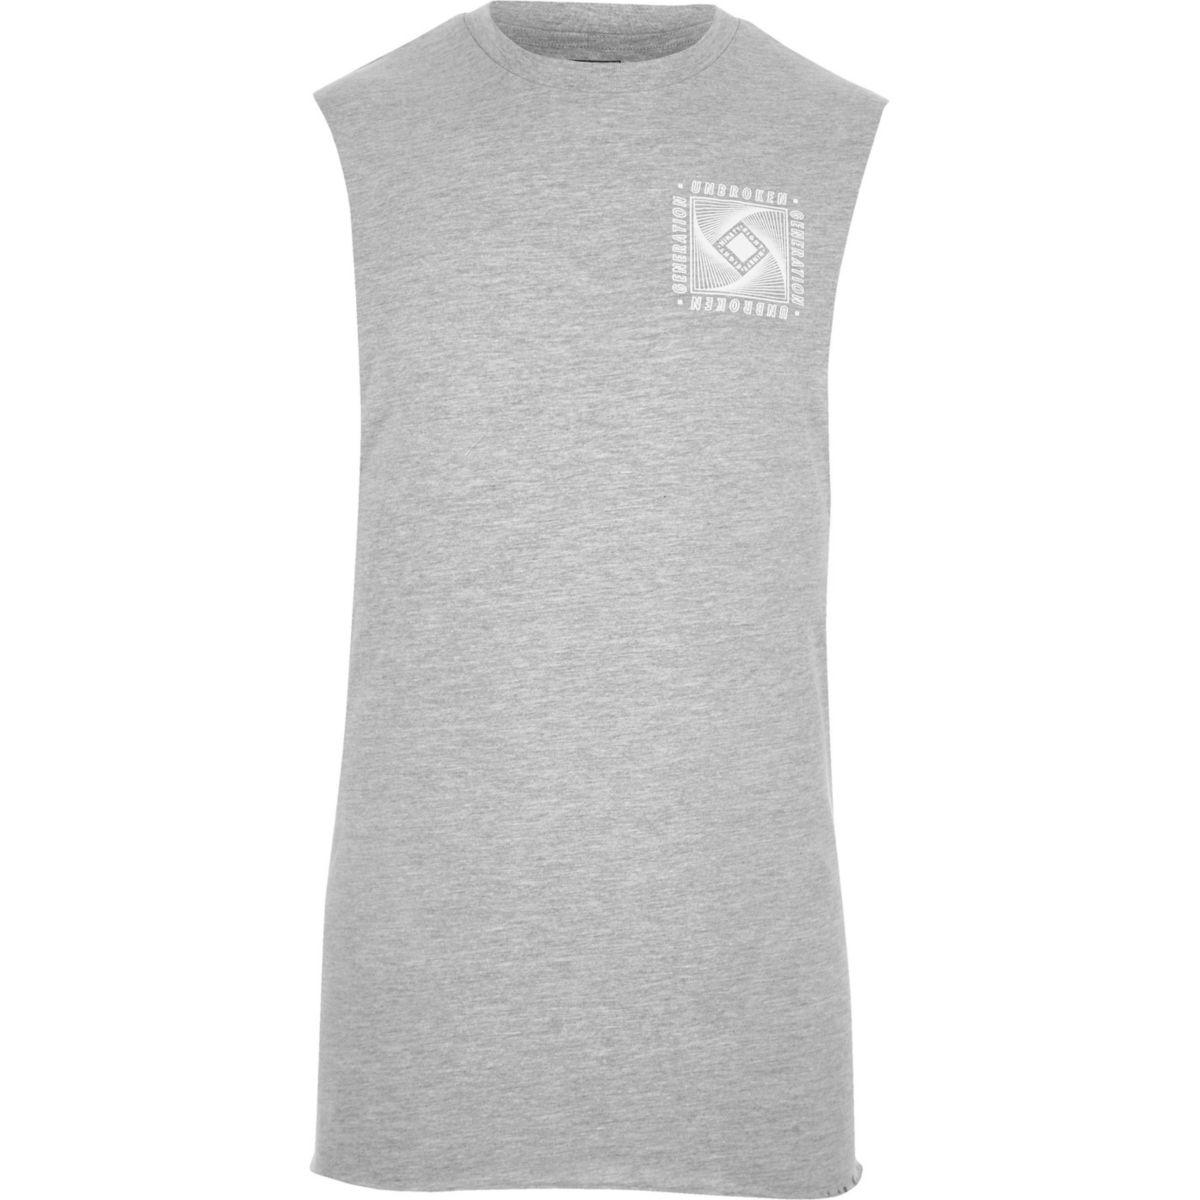 Grey marl 'unbroken' print vest